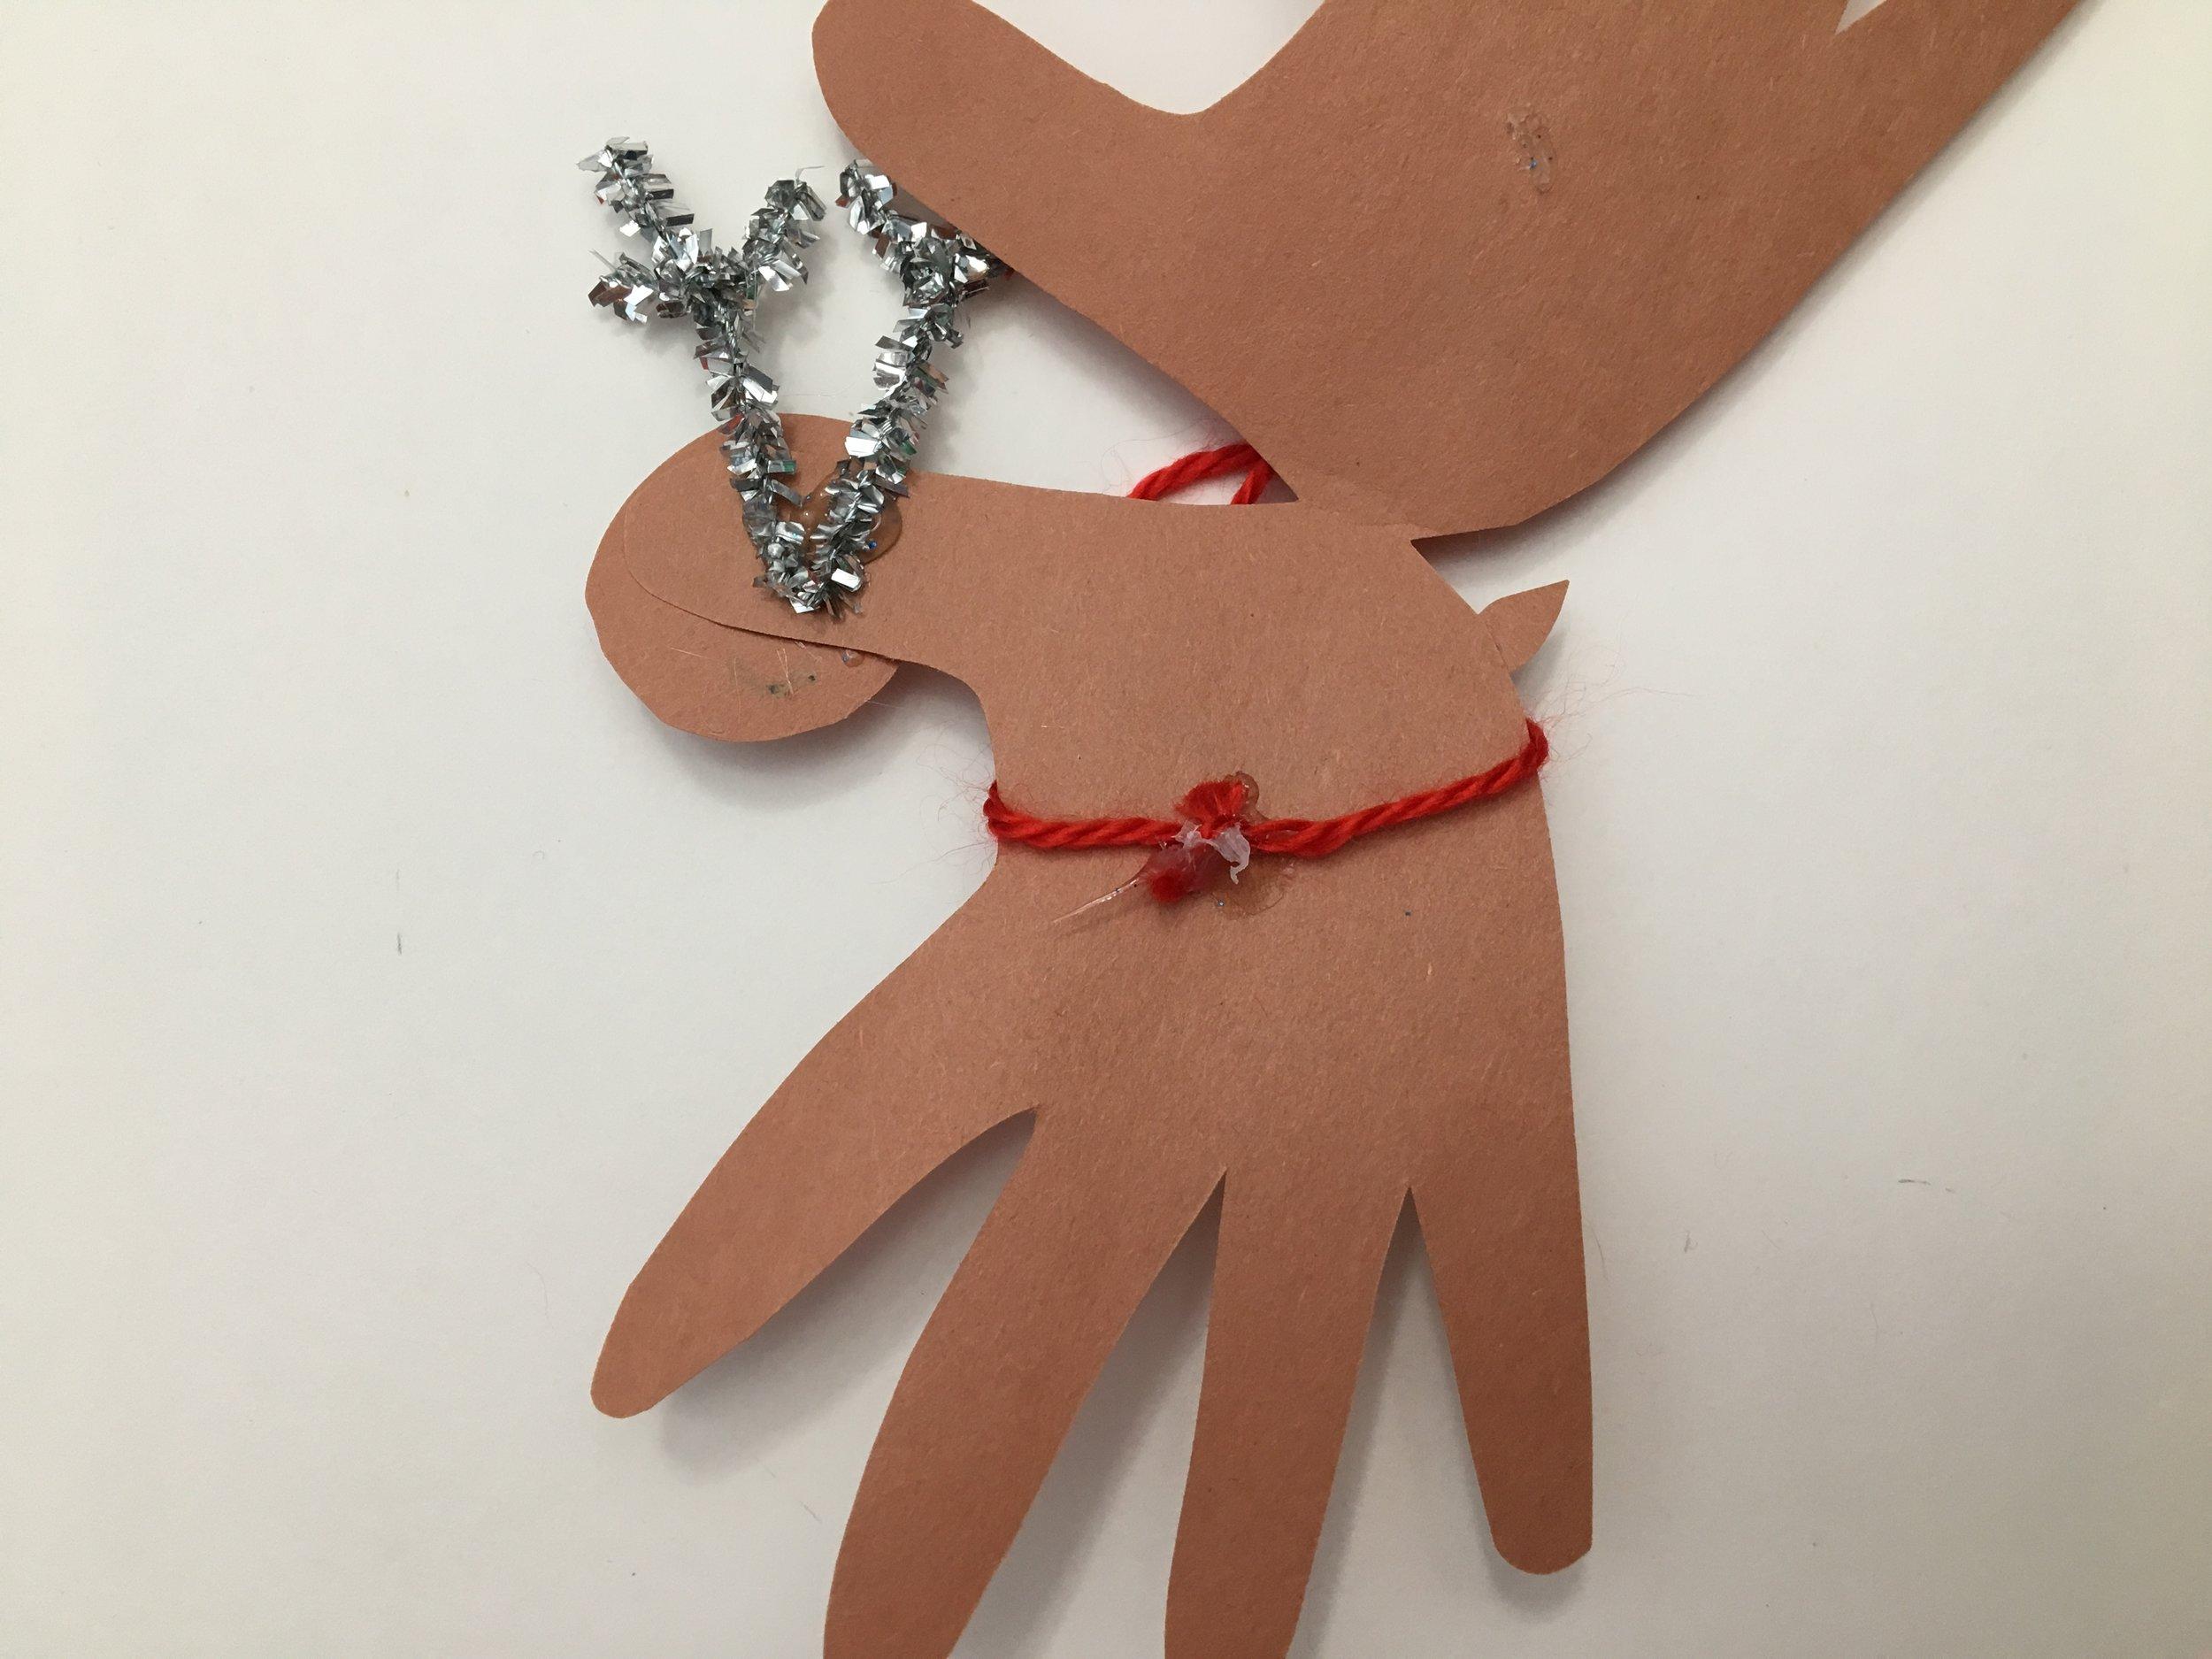 carte de Noël-brico-cadeau-offrir-Renne-Noël-Fêtes-MamanBricole - #MamanBricole- diy- bricolage-enfants-Je suis une maman